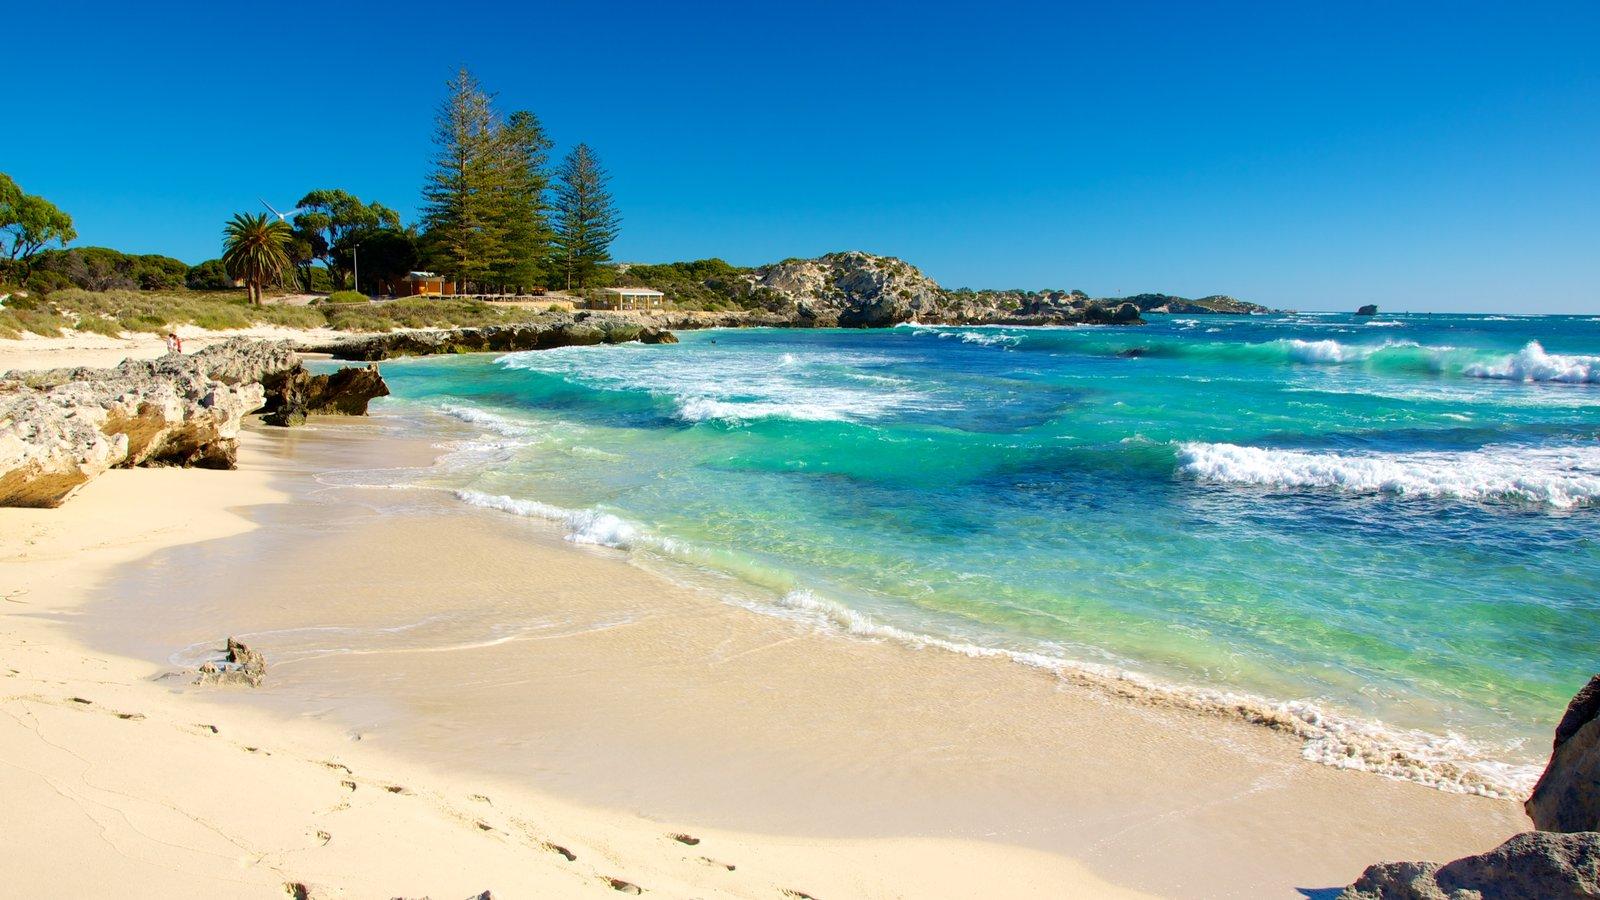 Perth featuring a beach